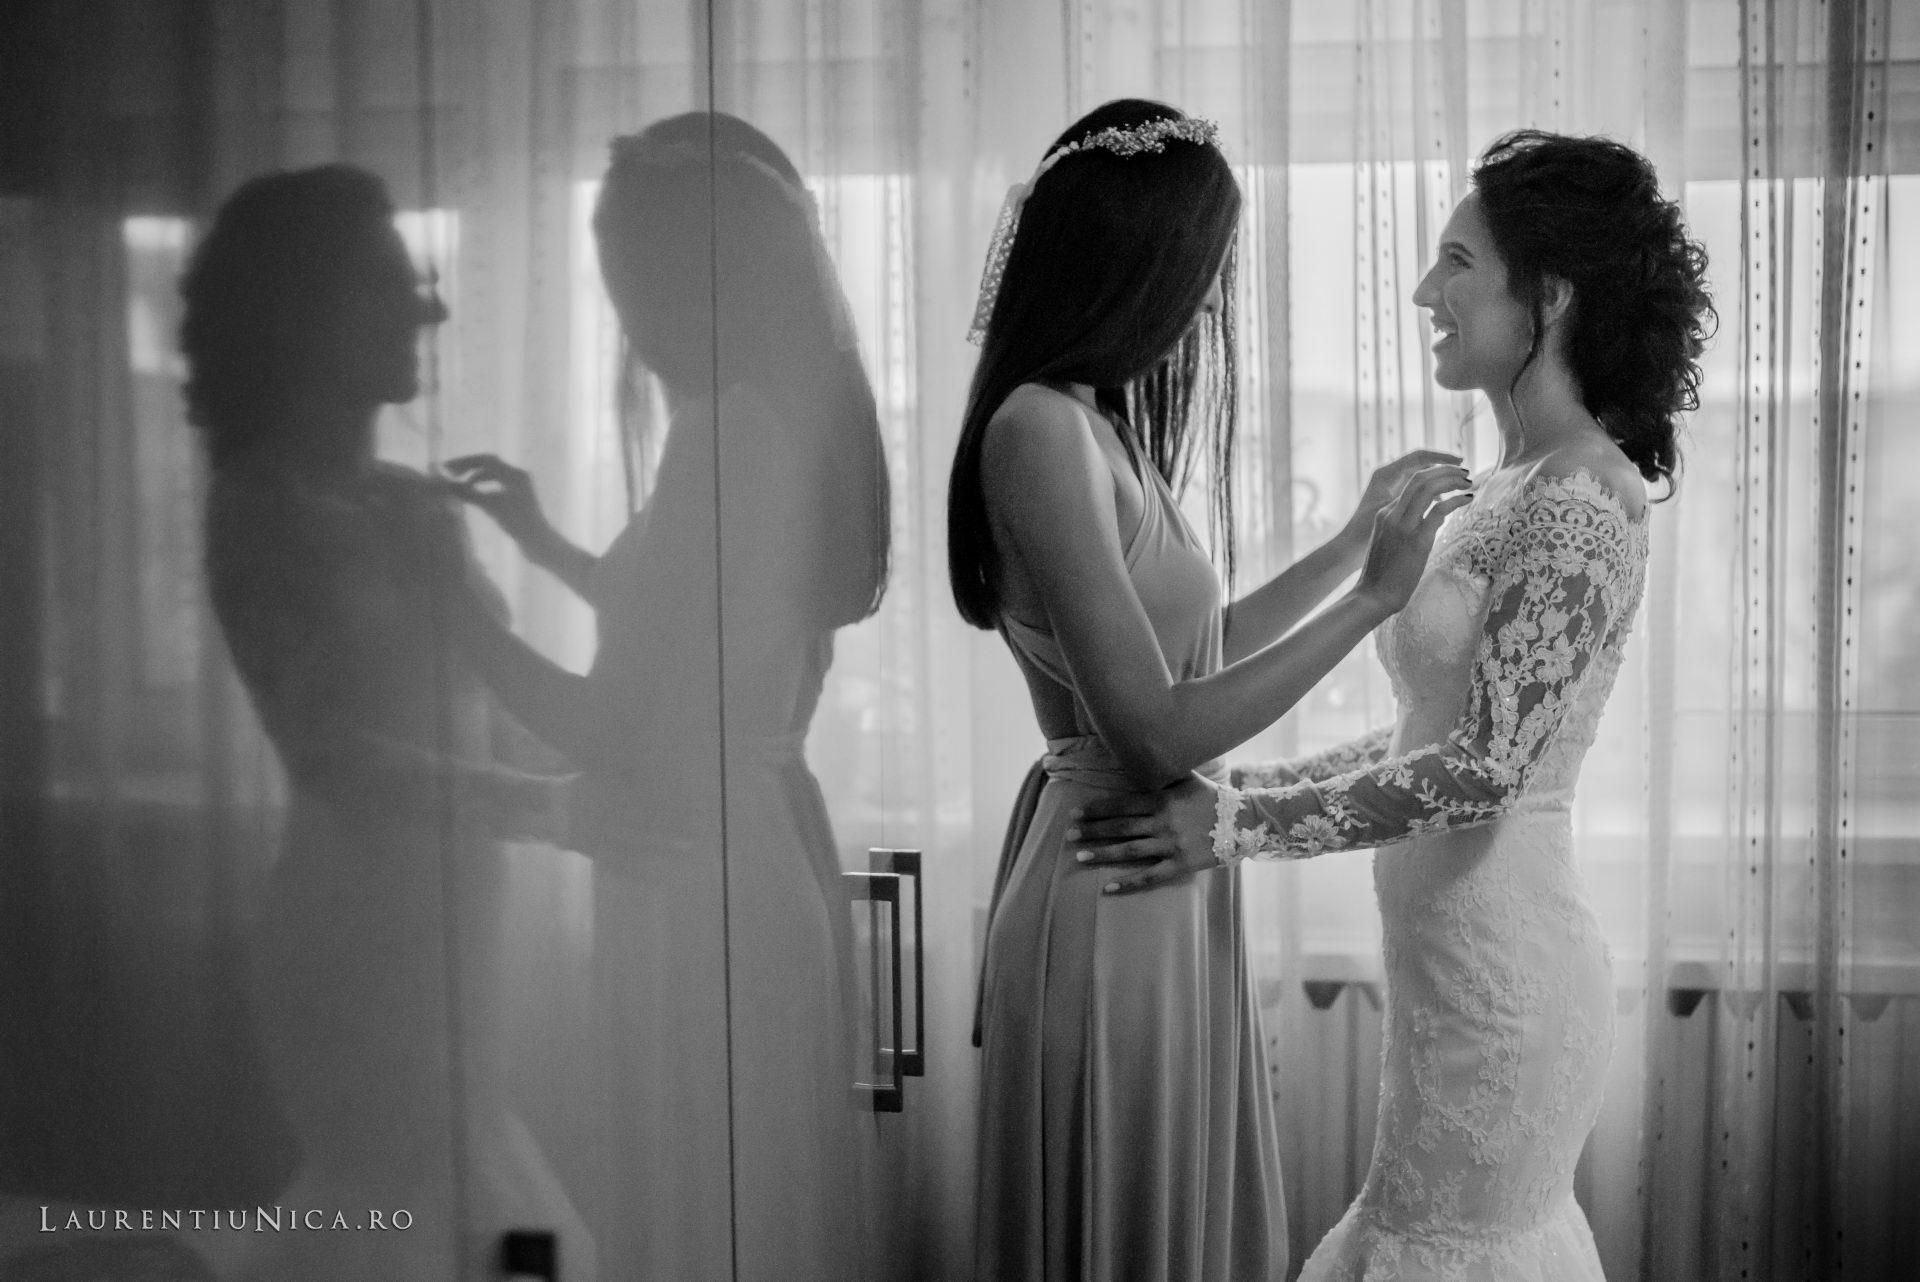 Cristina si Ovidiu nunta Craiova fotograf laurentiu nica 074 - Cristina & Ovidiu | Fotografii nunta | Craiova